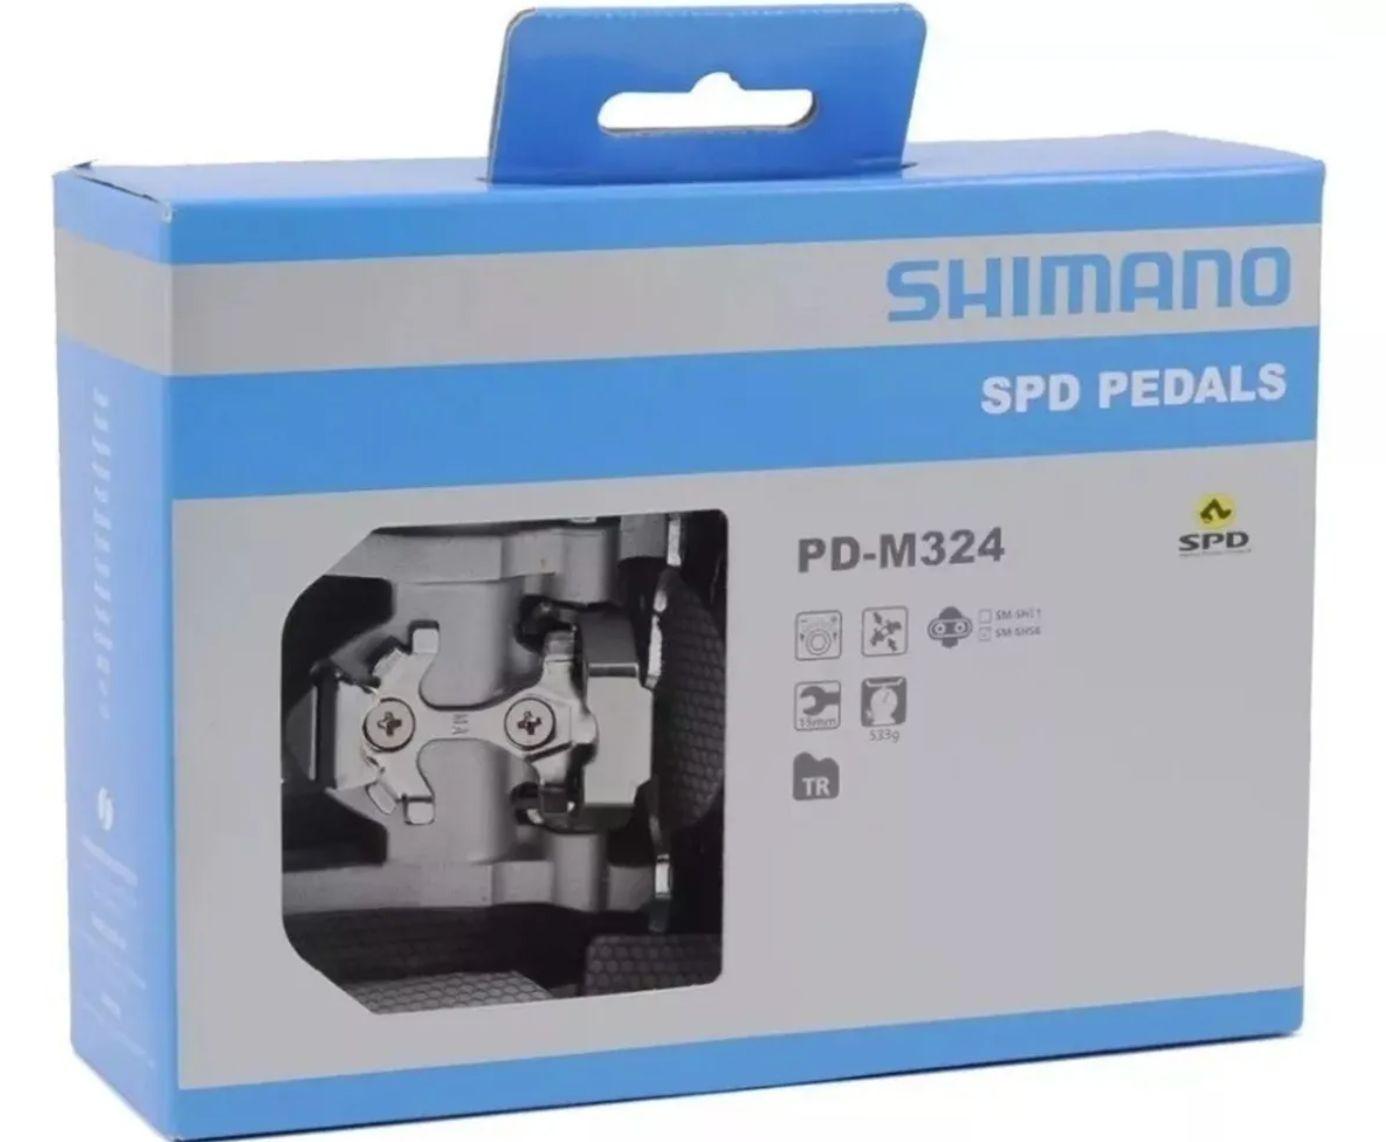 Pedal Shimano Pd-m324 Plataforma Ou Clip Spd Mtb Original